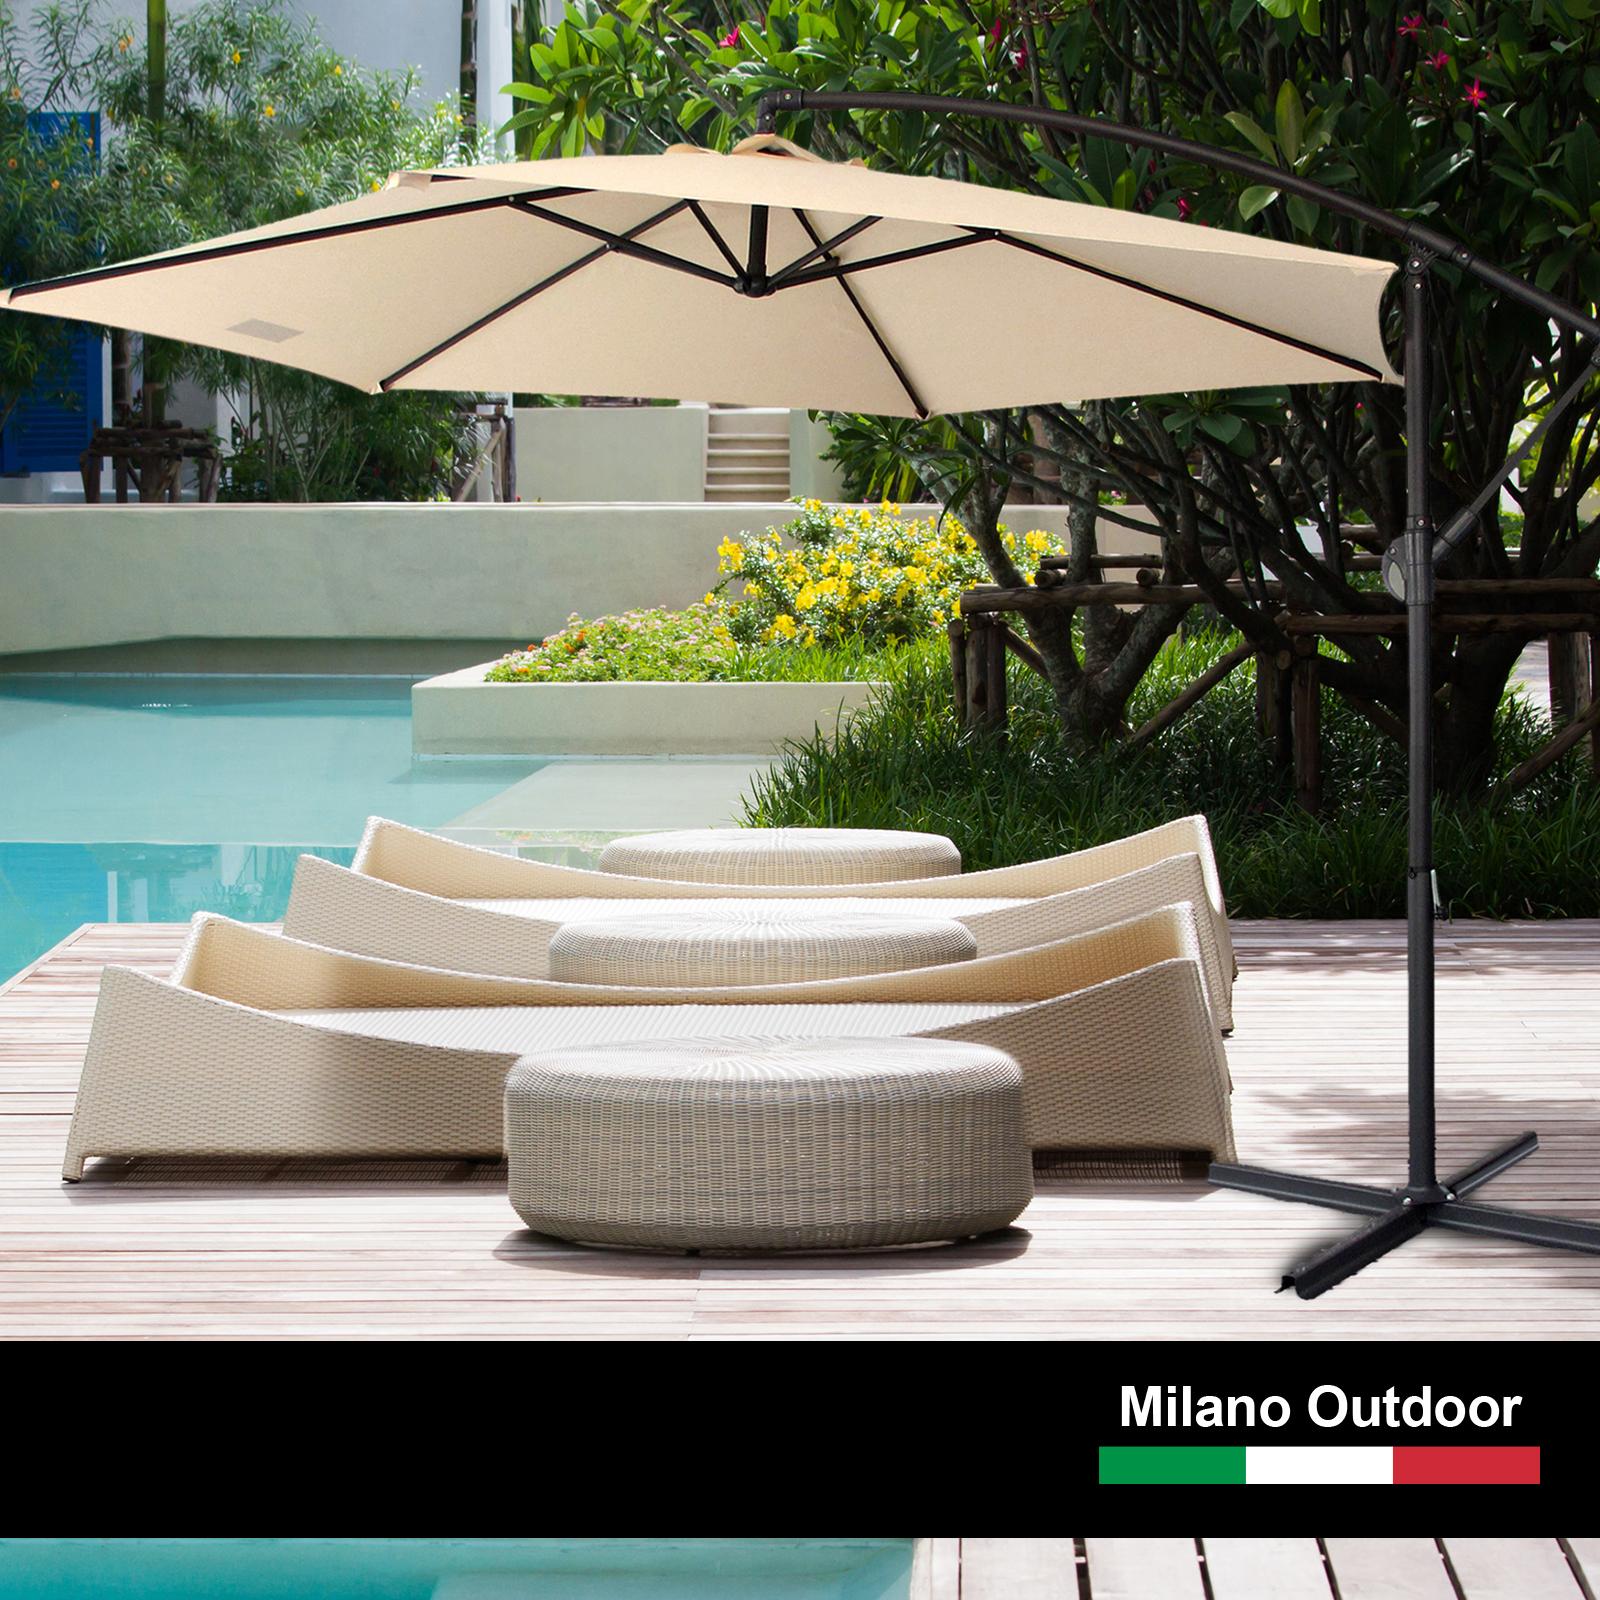 thumbnail 19 - Milano Outdoor 3 Metre Cantilever Umbrella UV Sunshade Garden Patio Deck